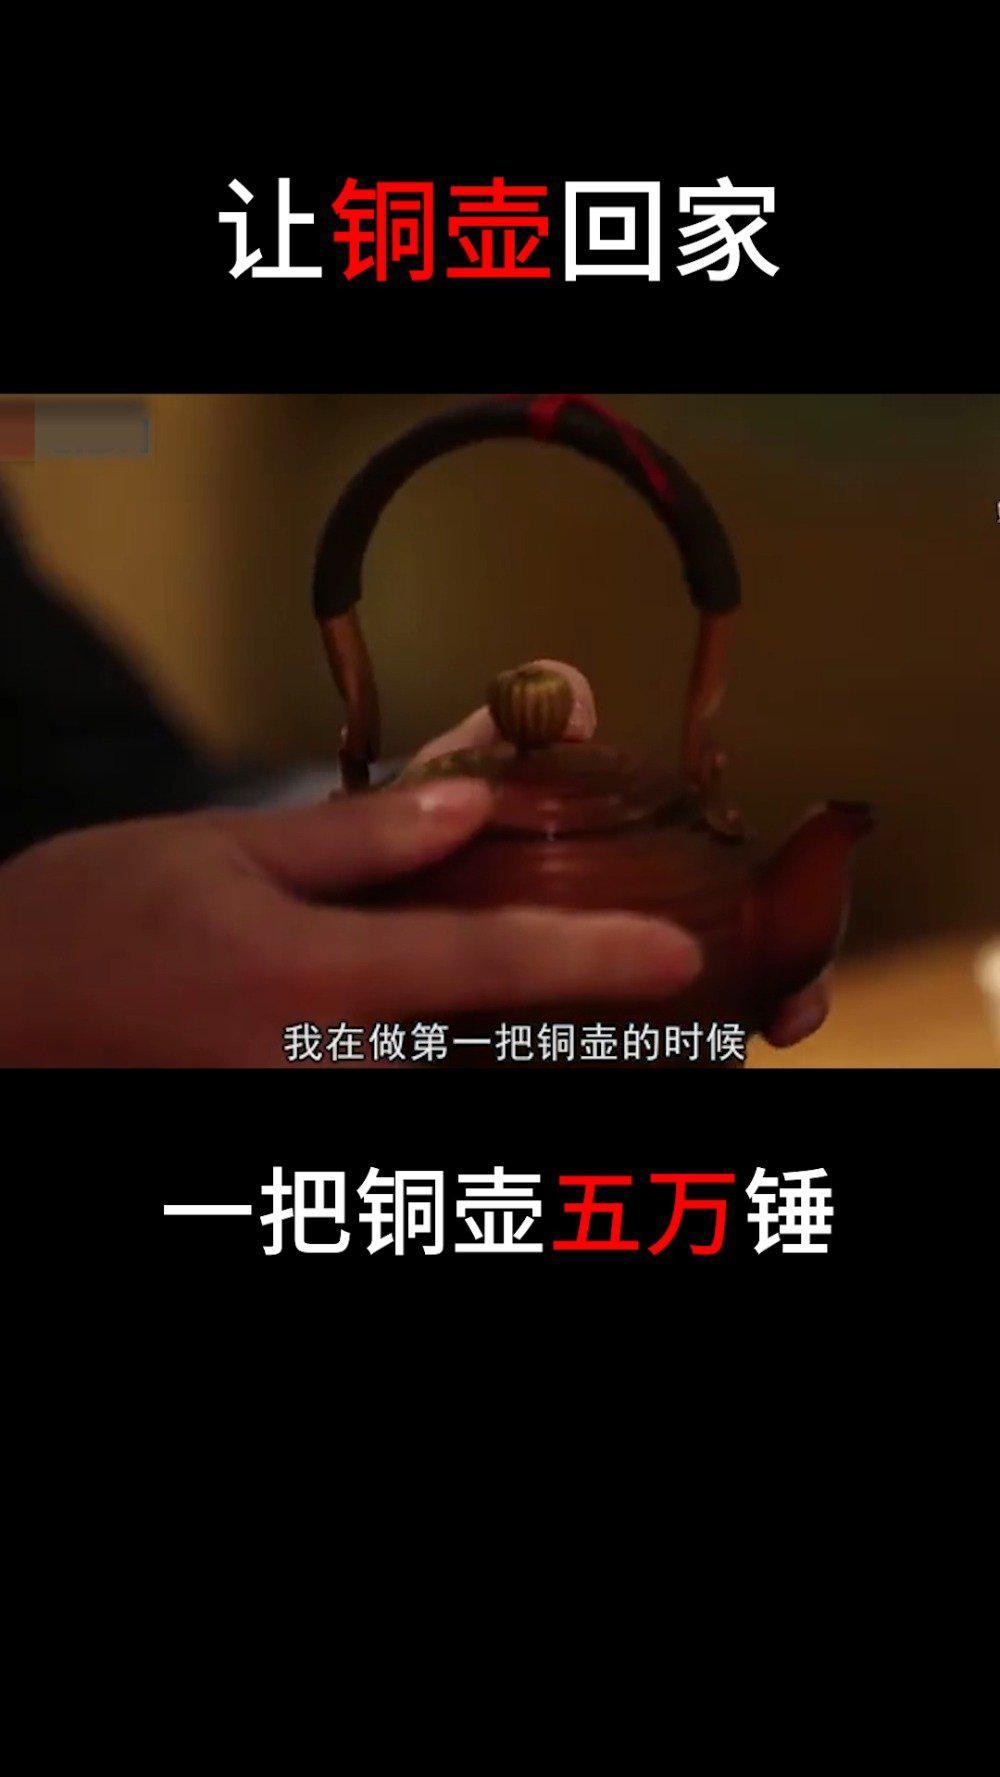 十年以上的师傅才能打出一把铜壶……